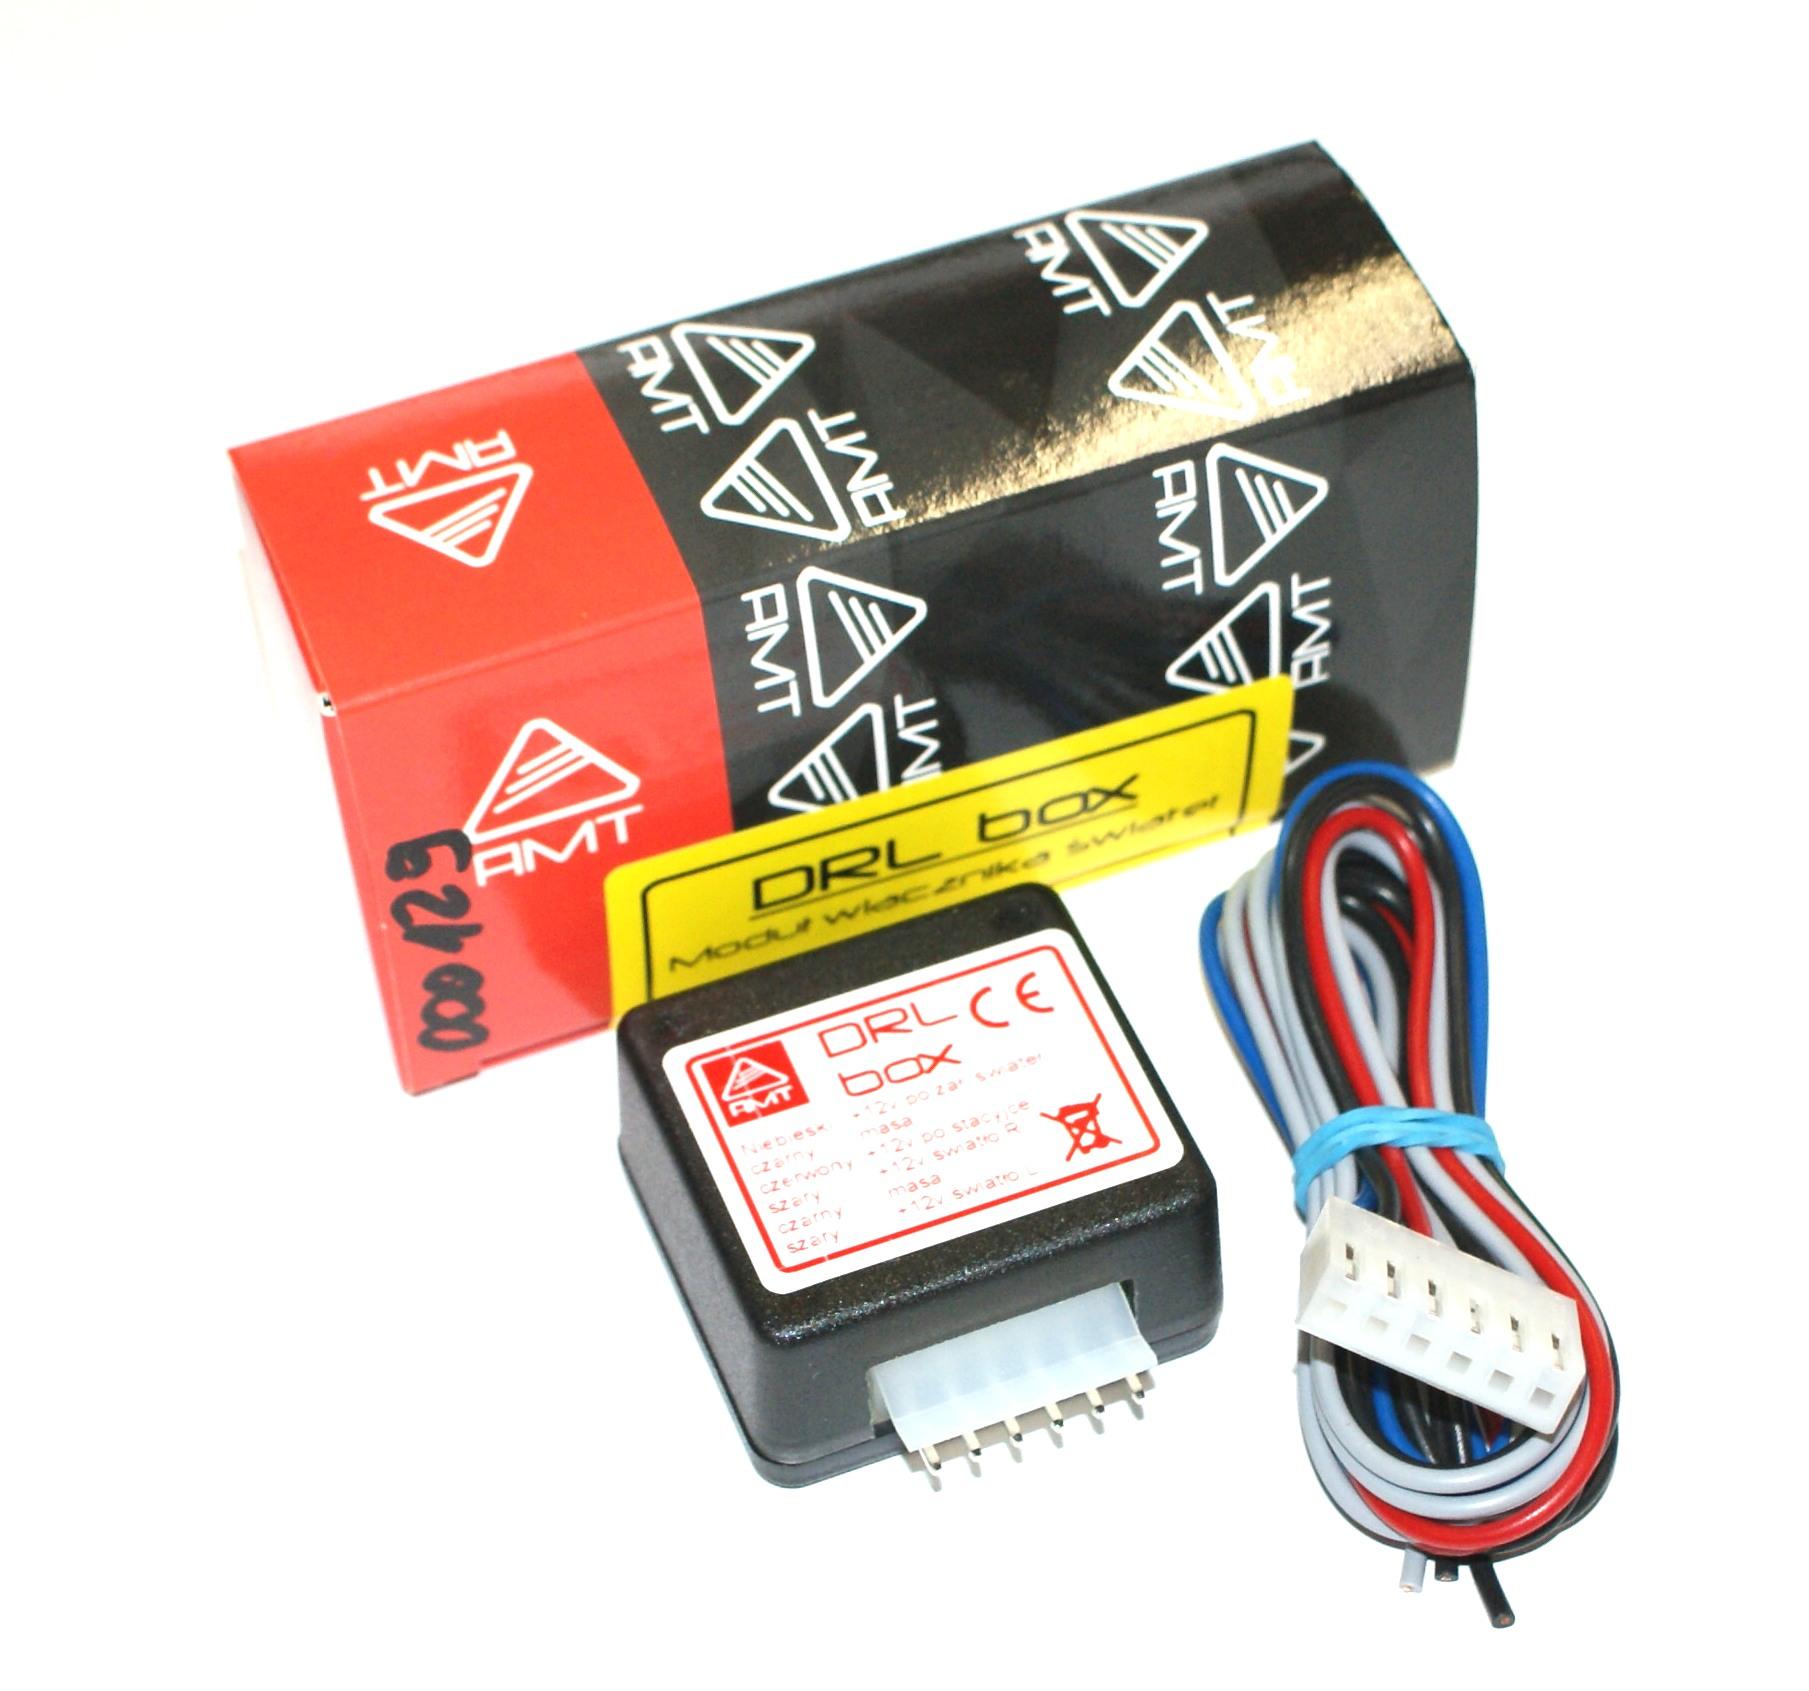 автоматический выключатель света ставки drl box